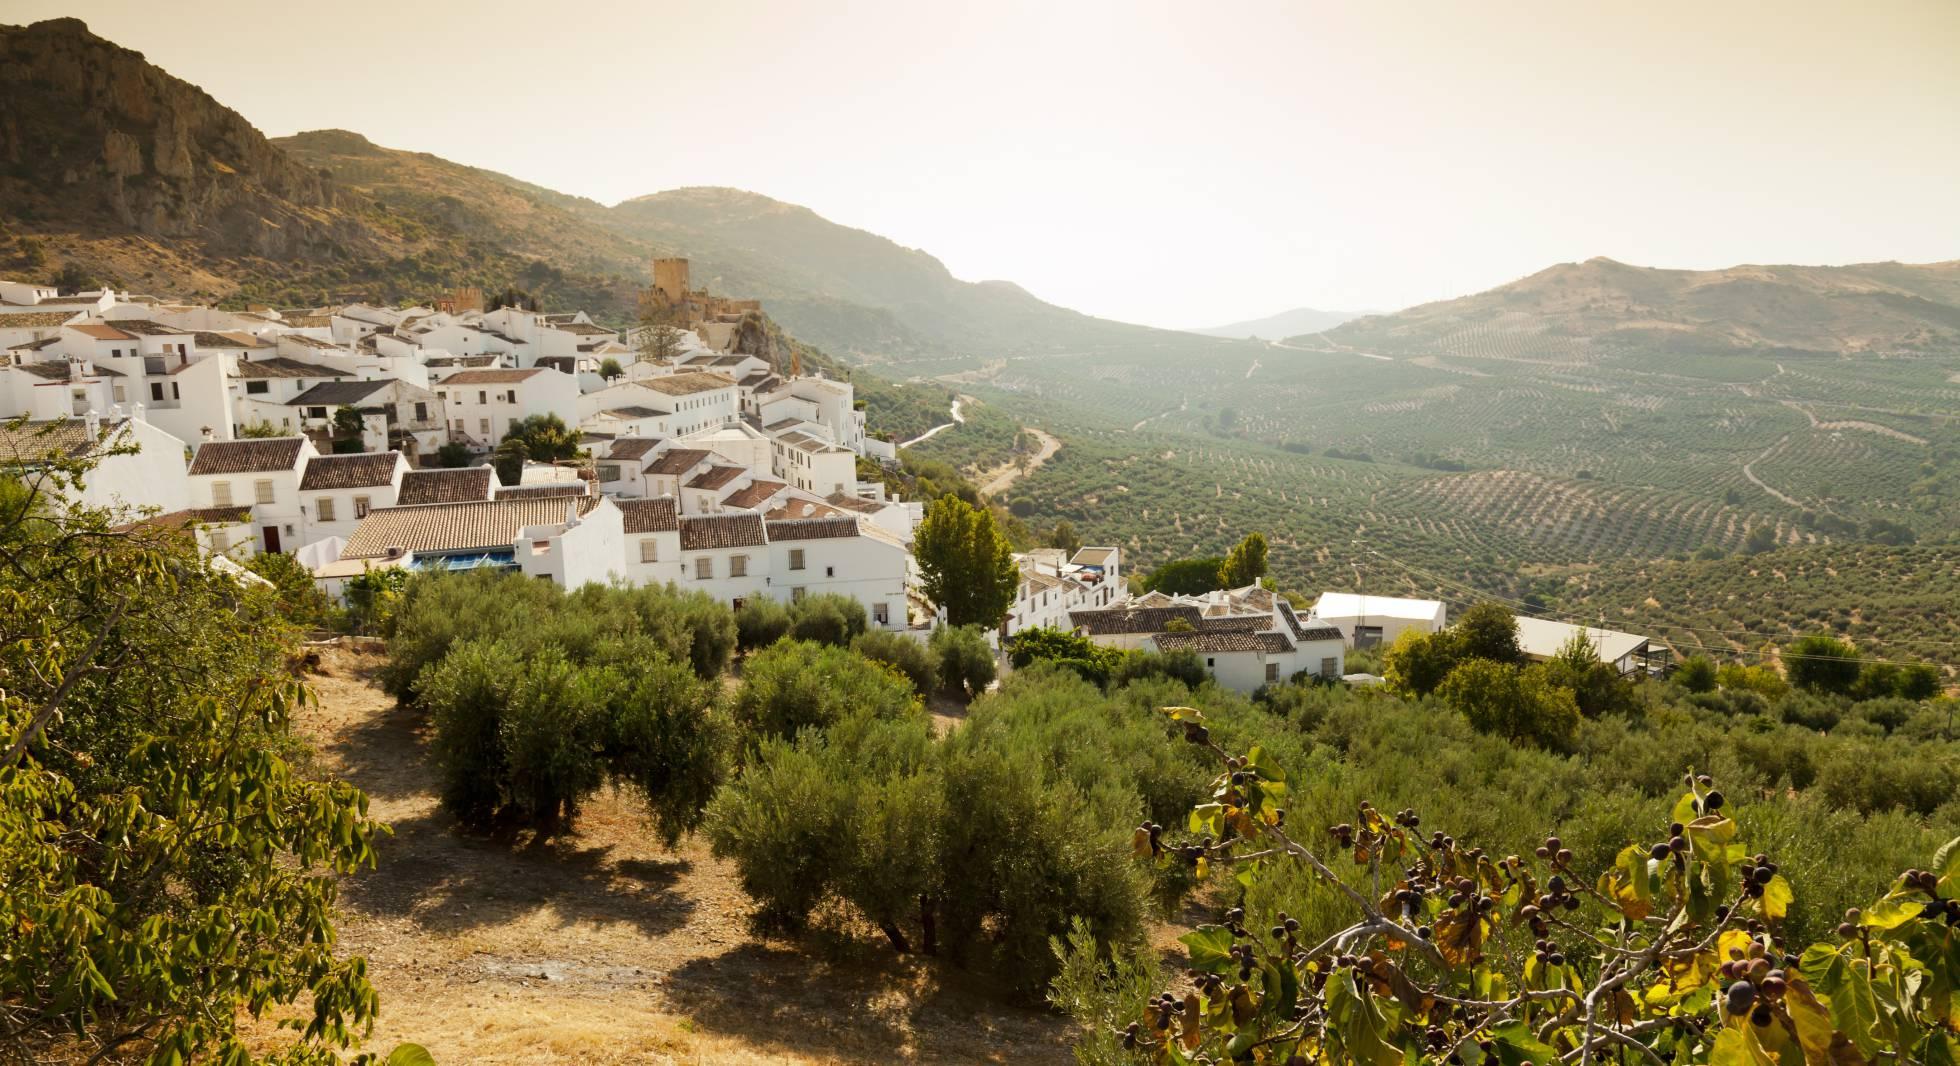 Los 10 pueblos más bonitos de Andalucía, según los lectores de EL PAÍS